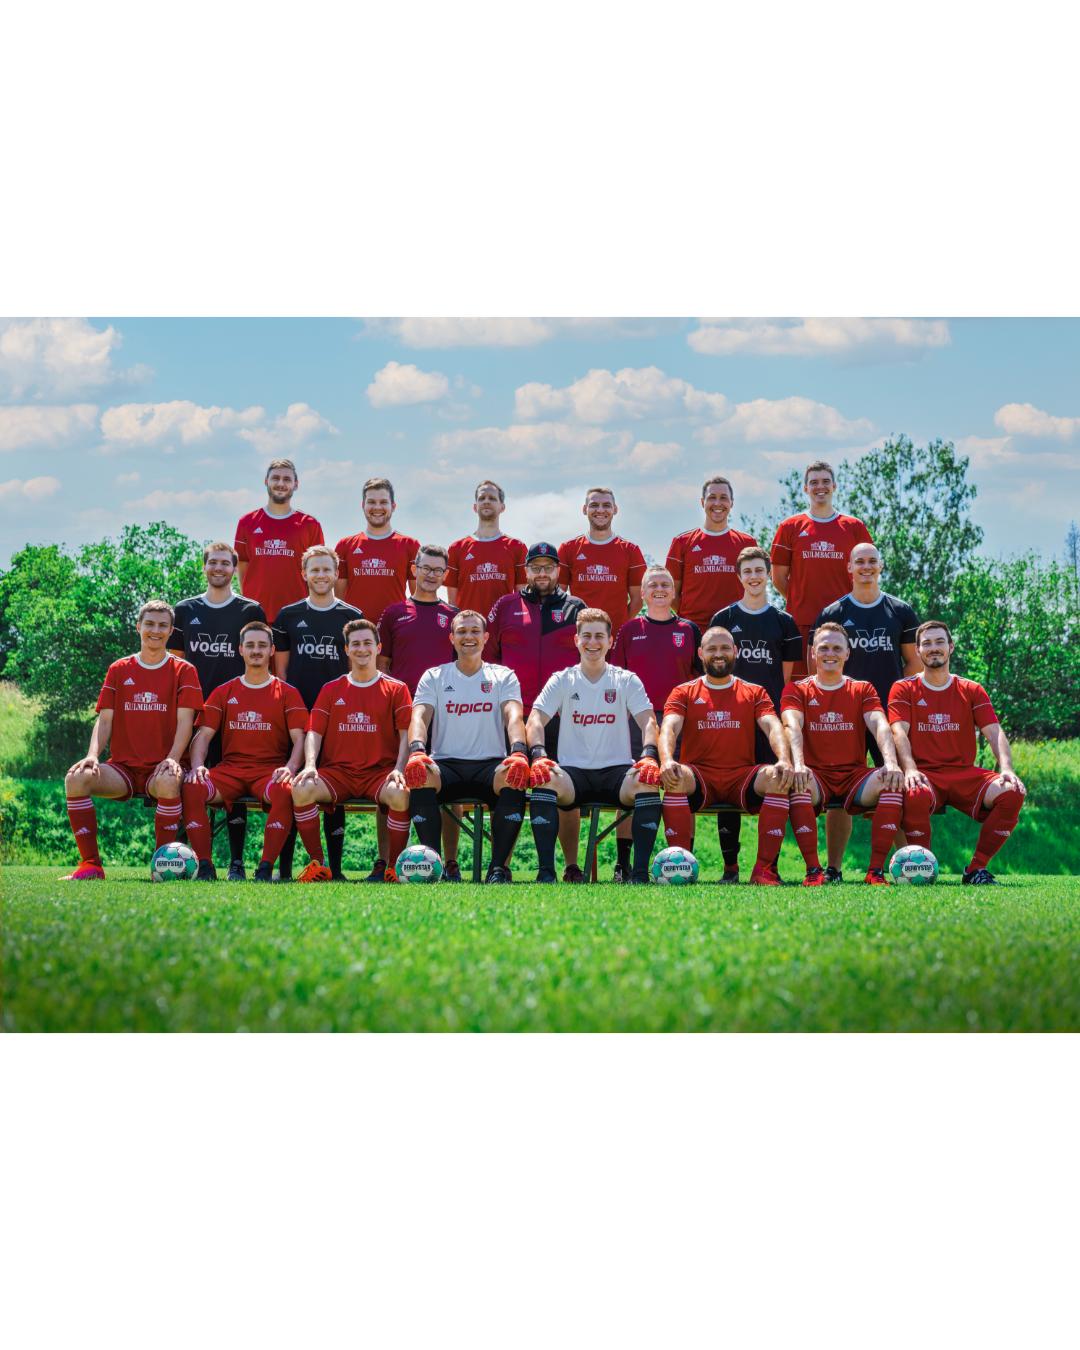 Teamfoto 2021 📷